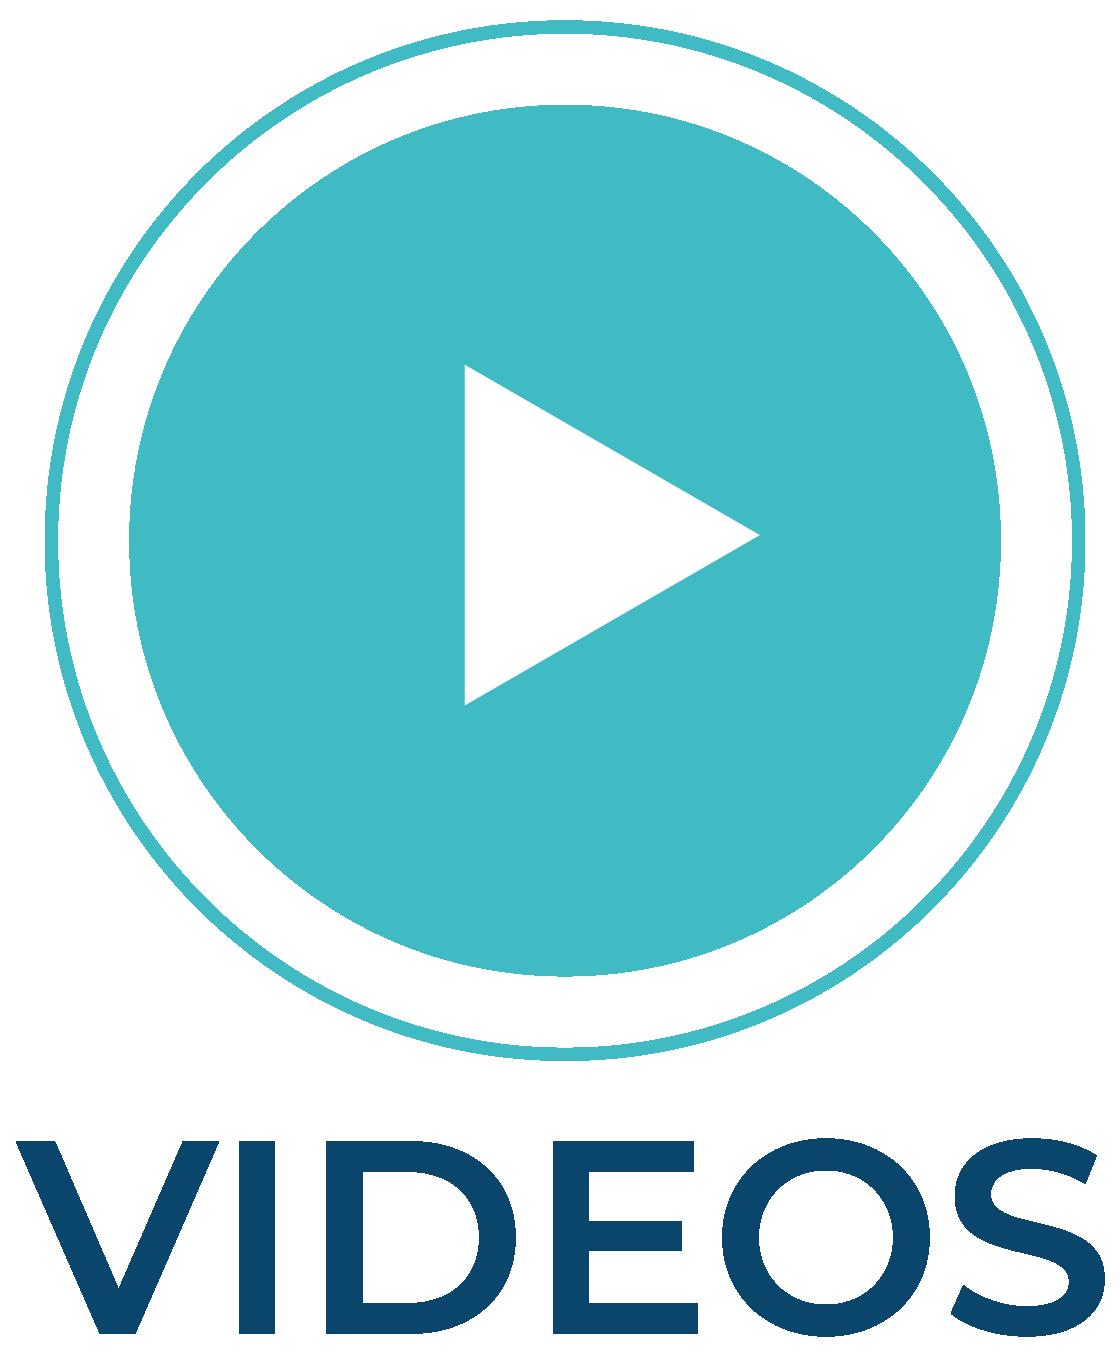 Ivy Slater - Videos Logo-22.png